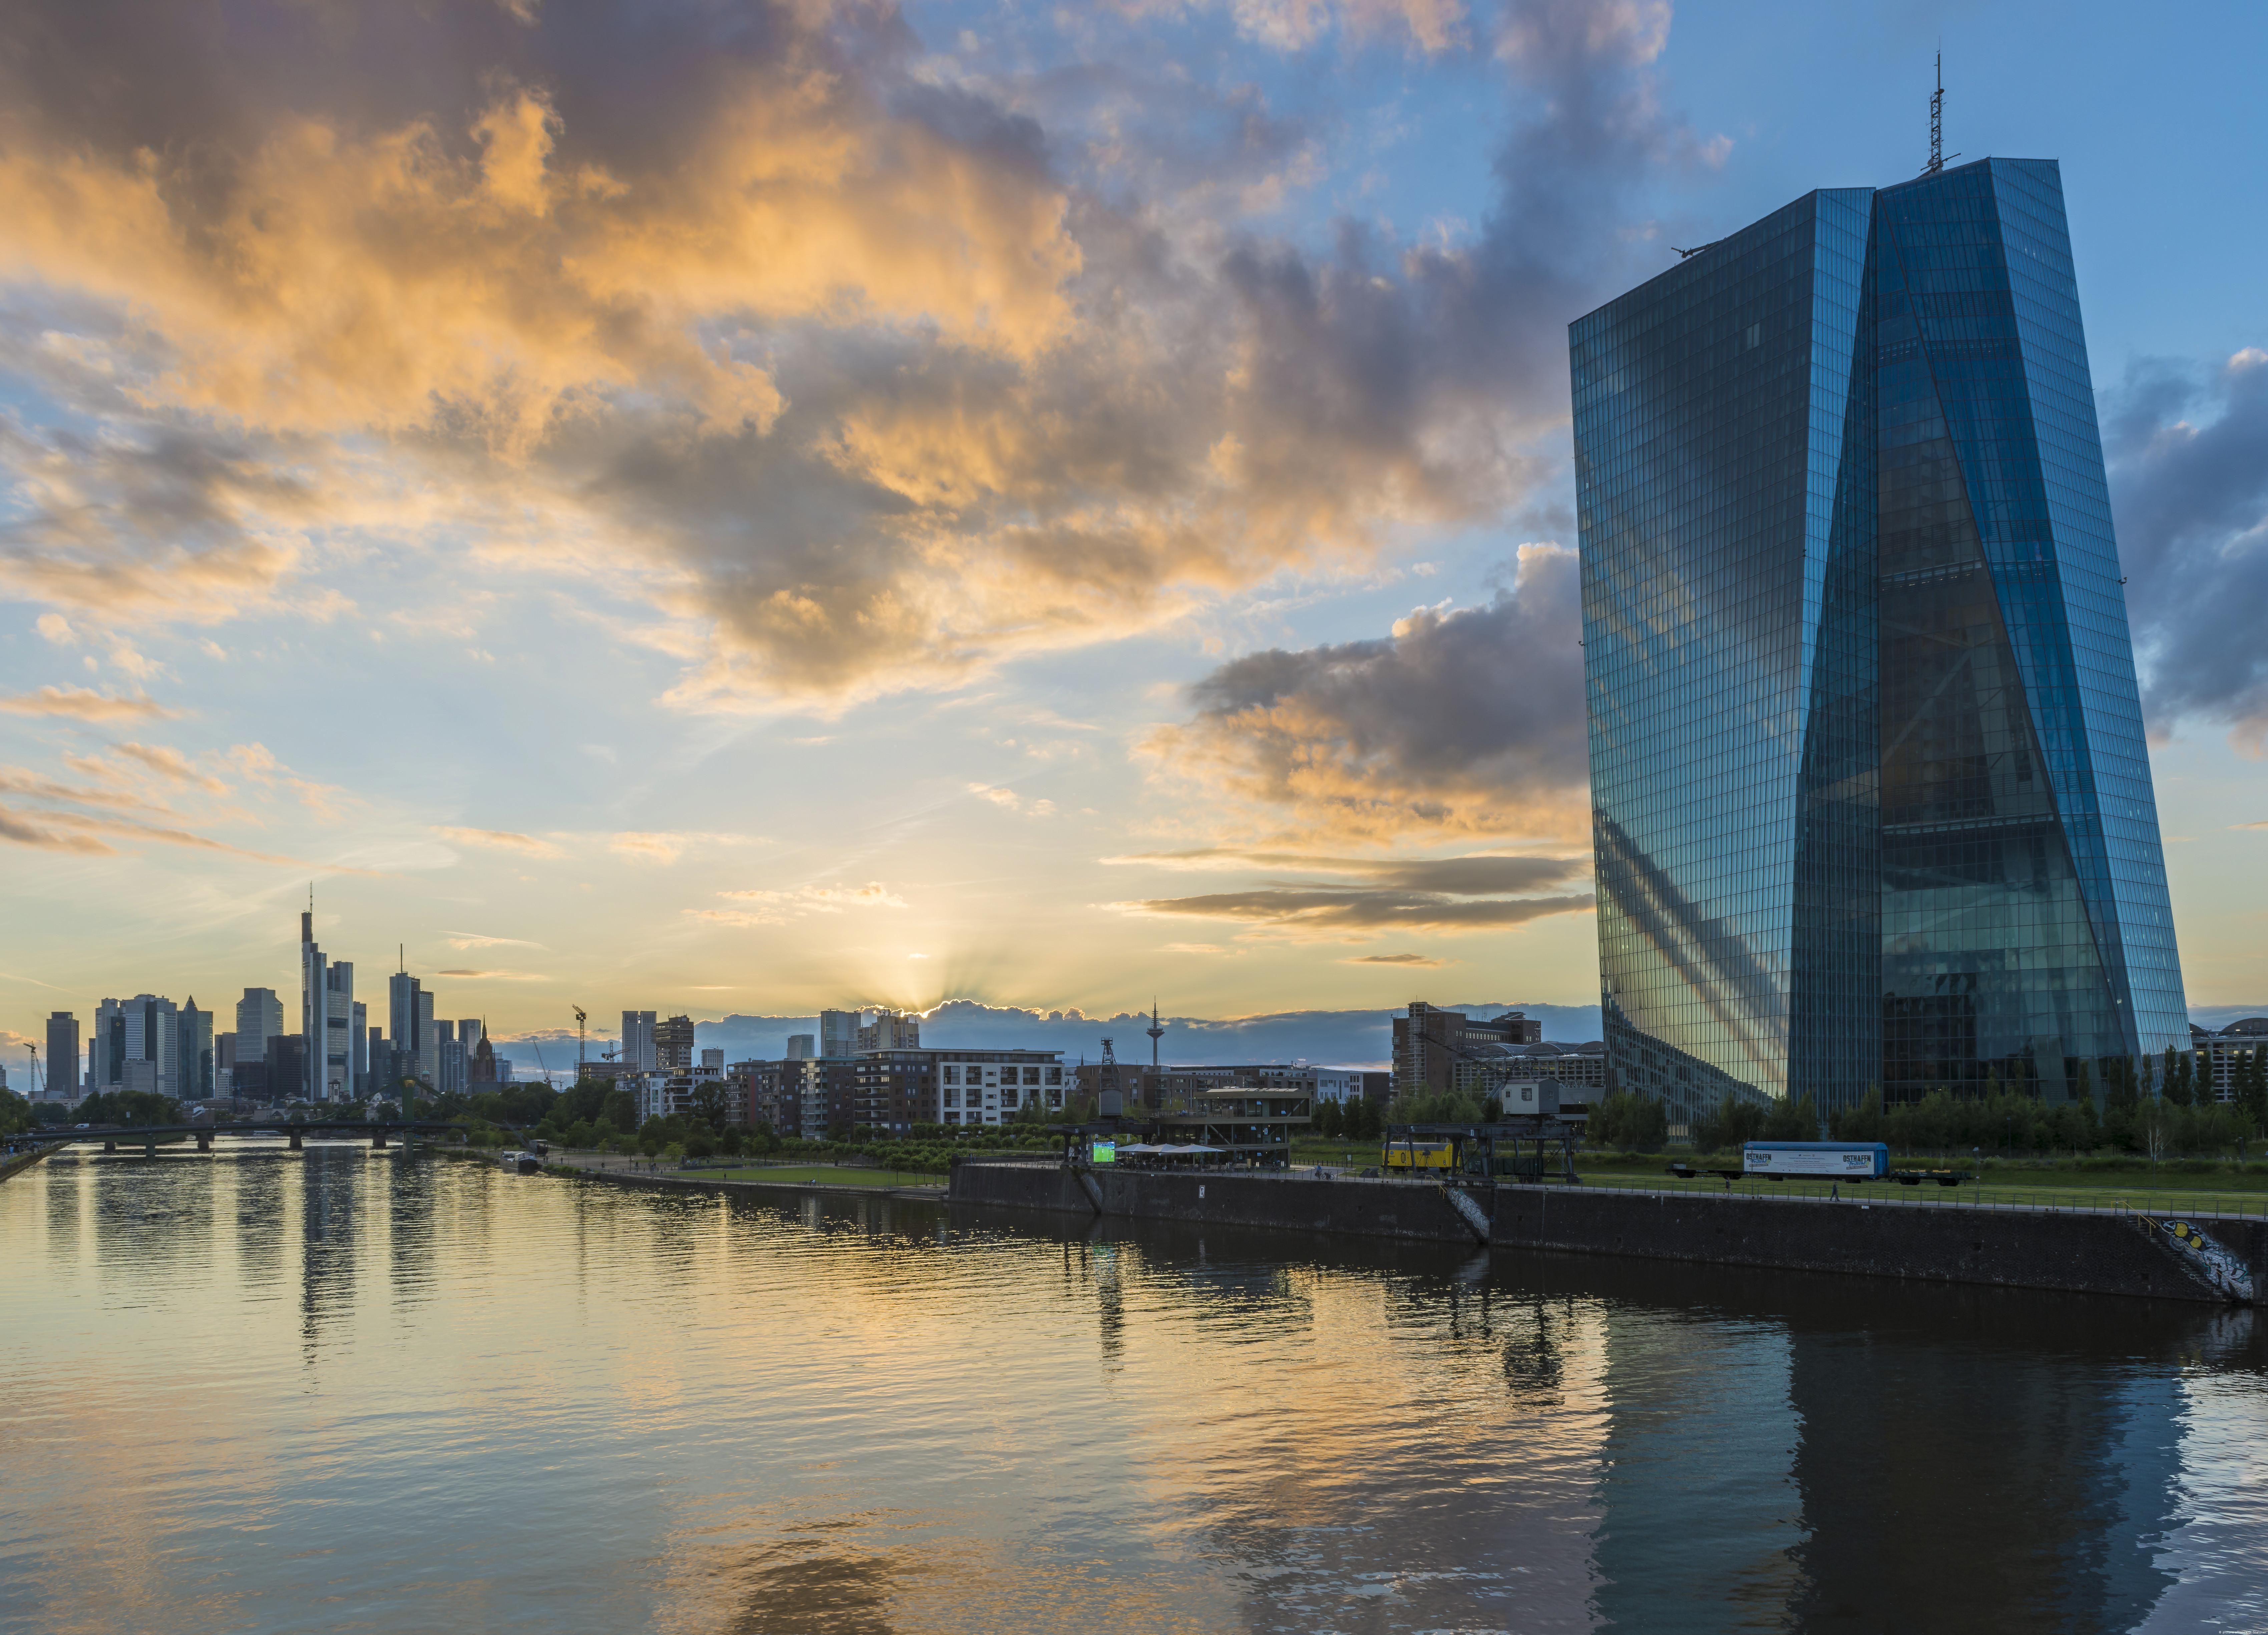 Η ΕΚΤ έχει διασφαλίσει επαρκή ρευστότητα στην αγορά